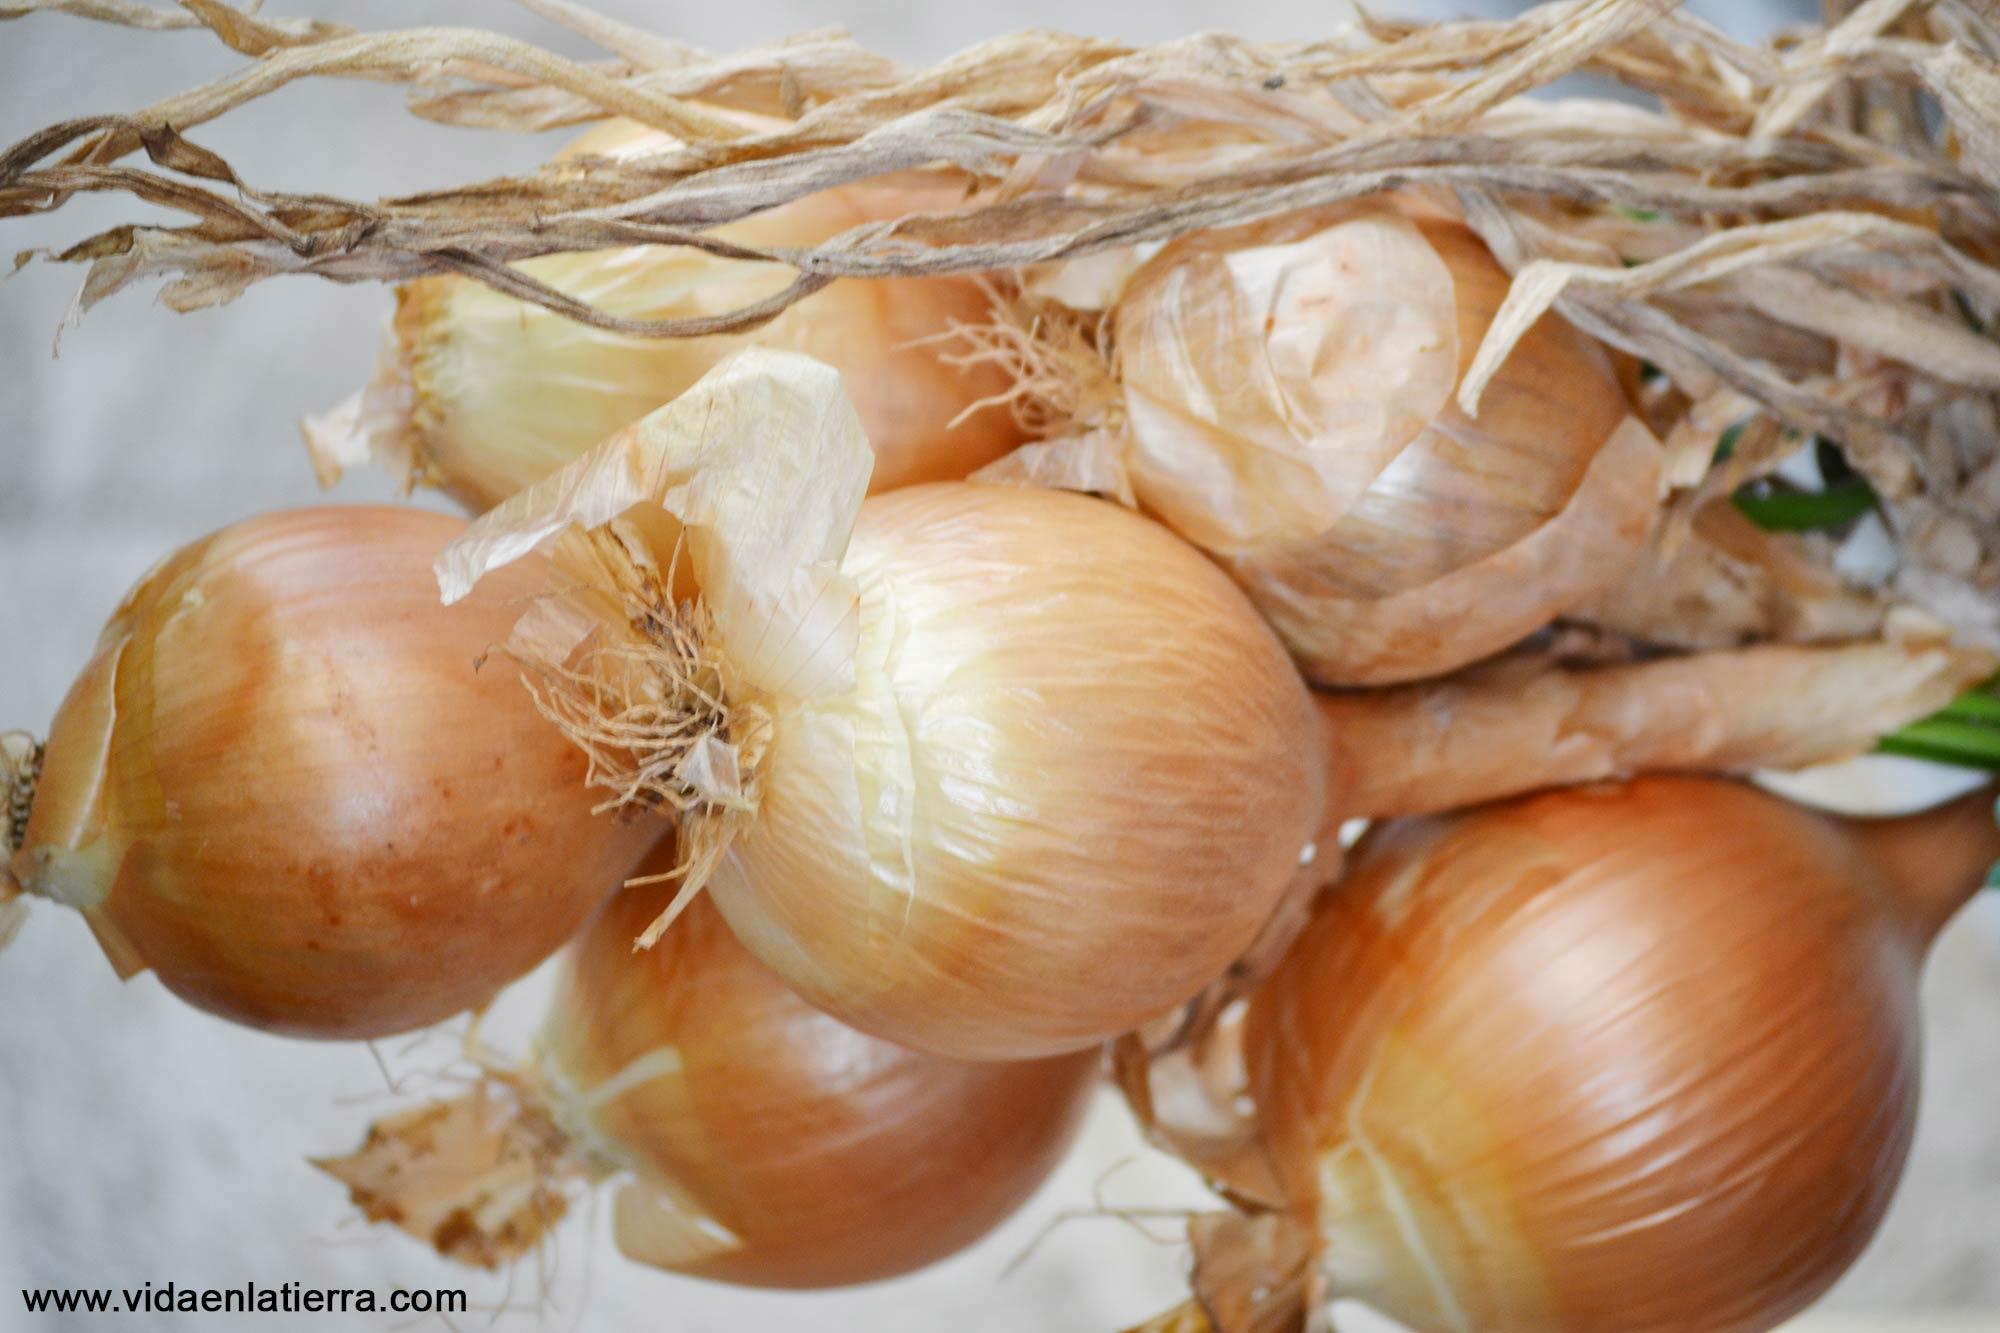 Cebollas en un manojo